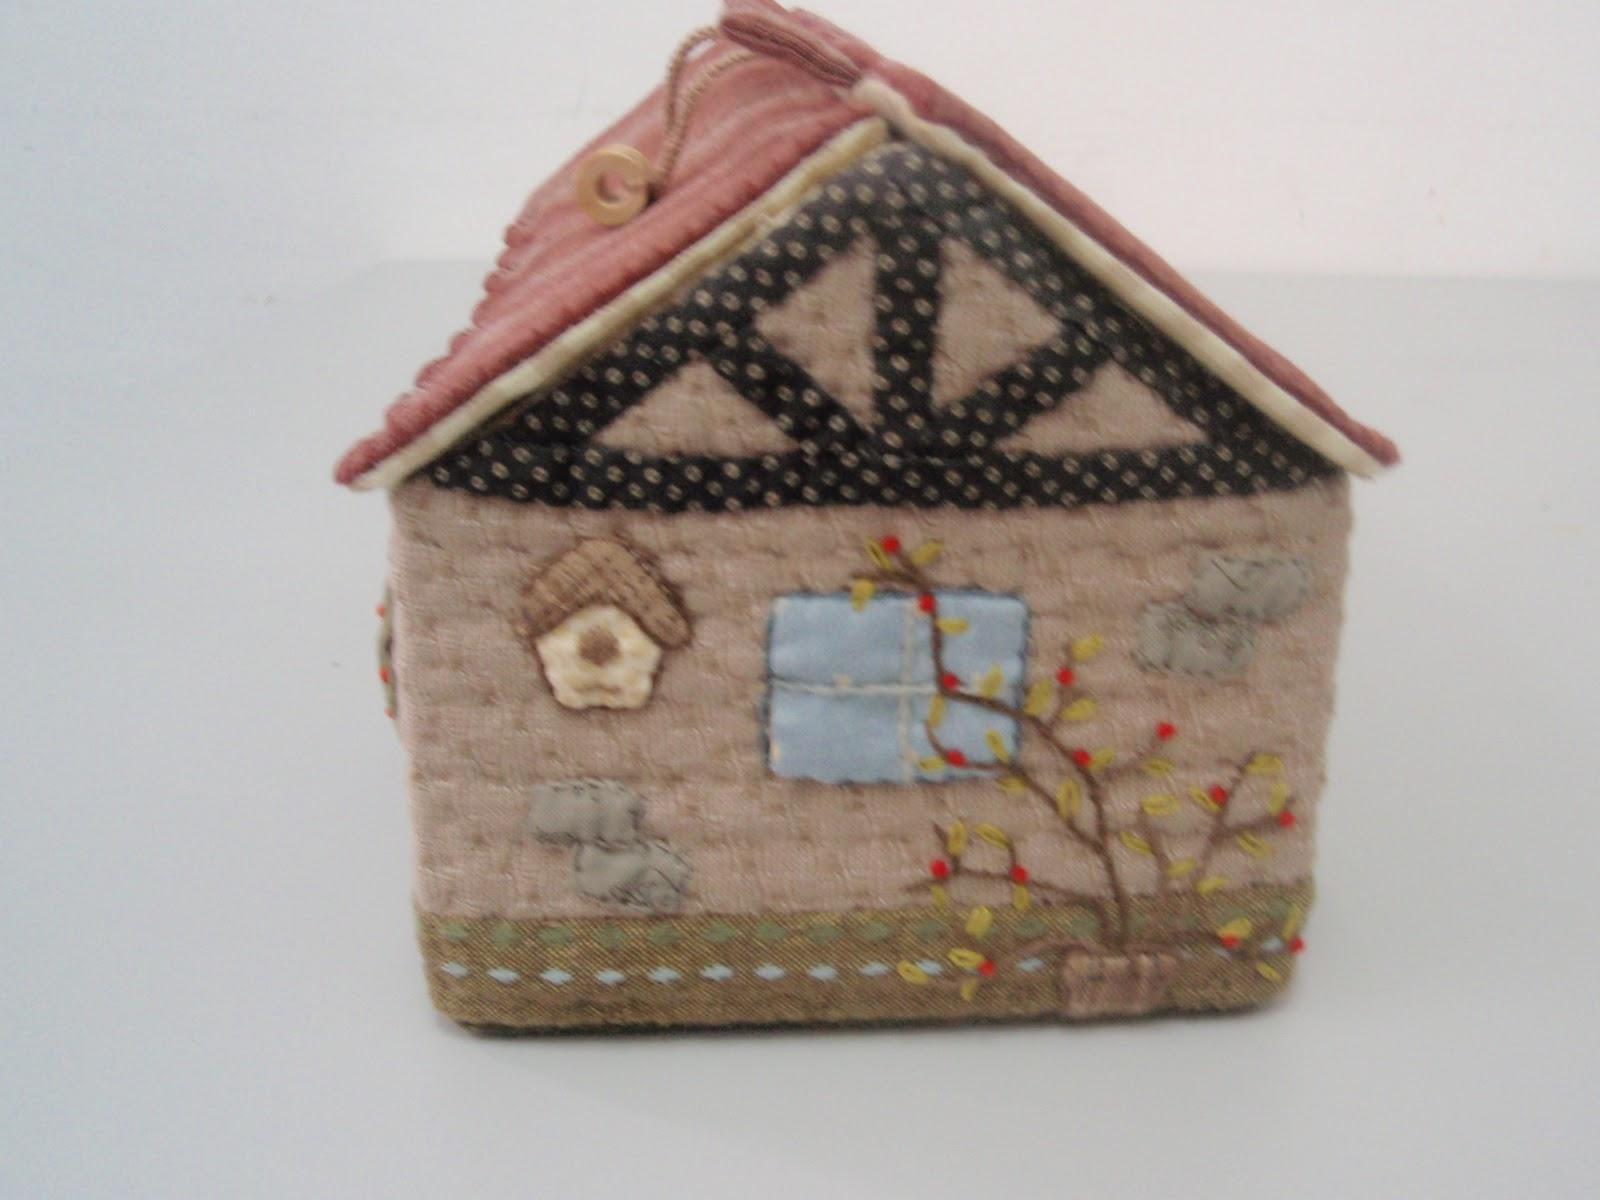 Los angeles de patchwork mari carmen y mar a - Casas de patchwork ...